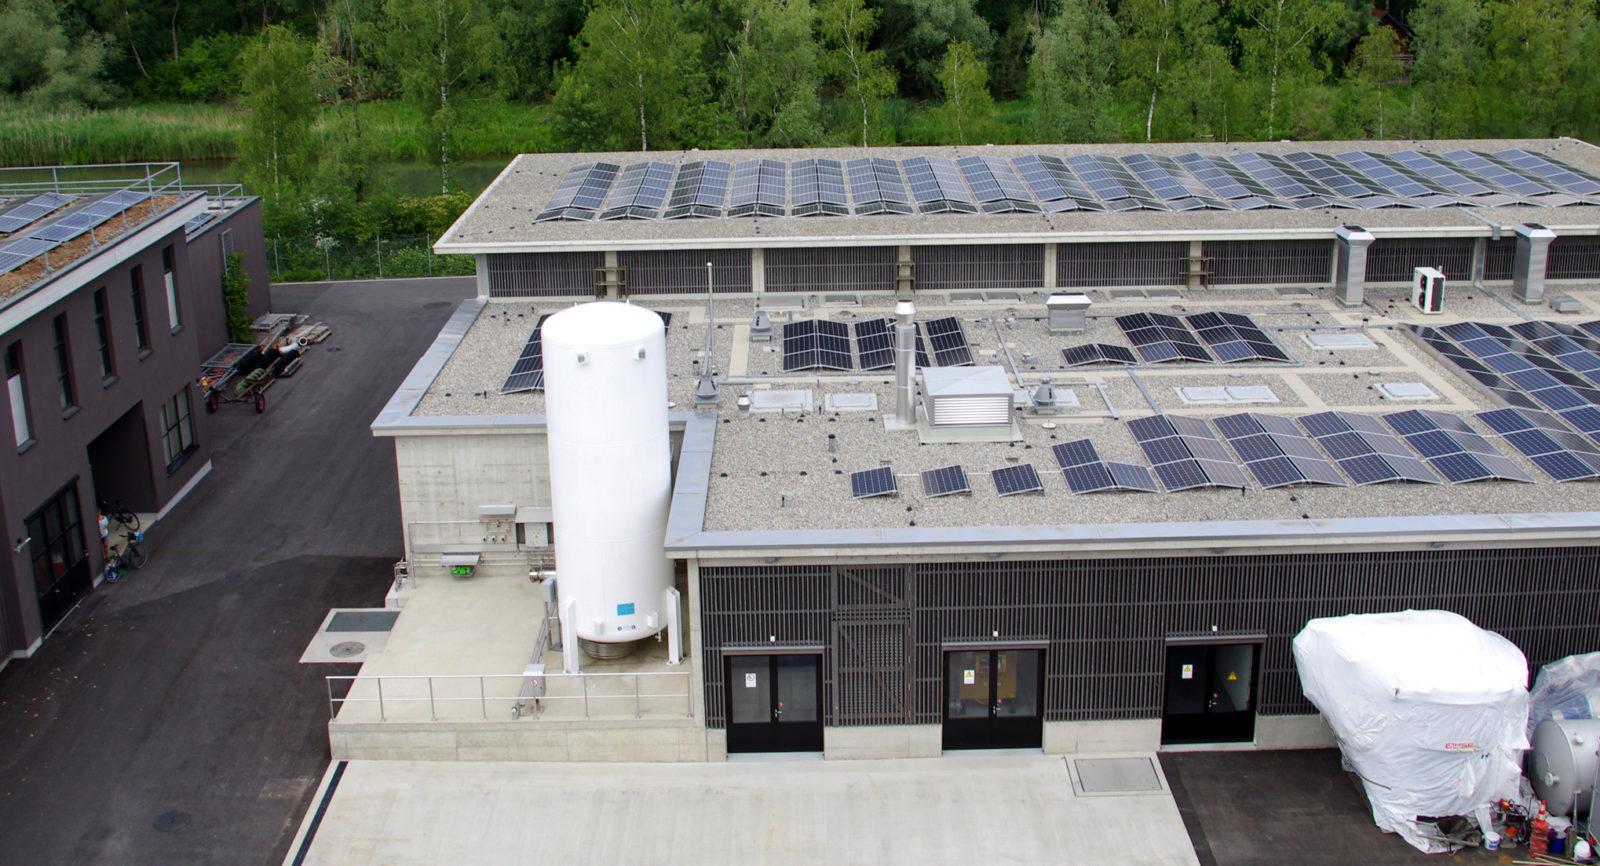 Neben der Stromerzeugung durch die Wärme-Kraft-Kopplung hat die Photovoltaik frühzeitig Einzug gehalten, z.B. auf dem Dach der 4. Reinigungsstufe. 2019 hat man eine solare Gesamtertrag von über 200'000 kWh erreicht.